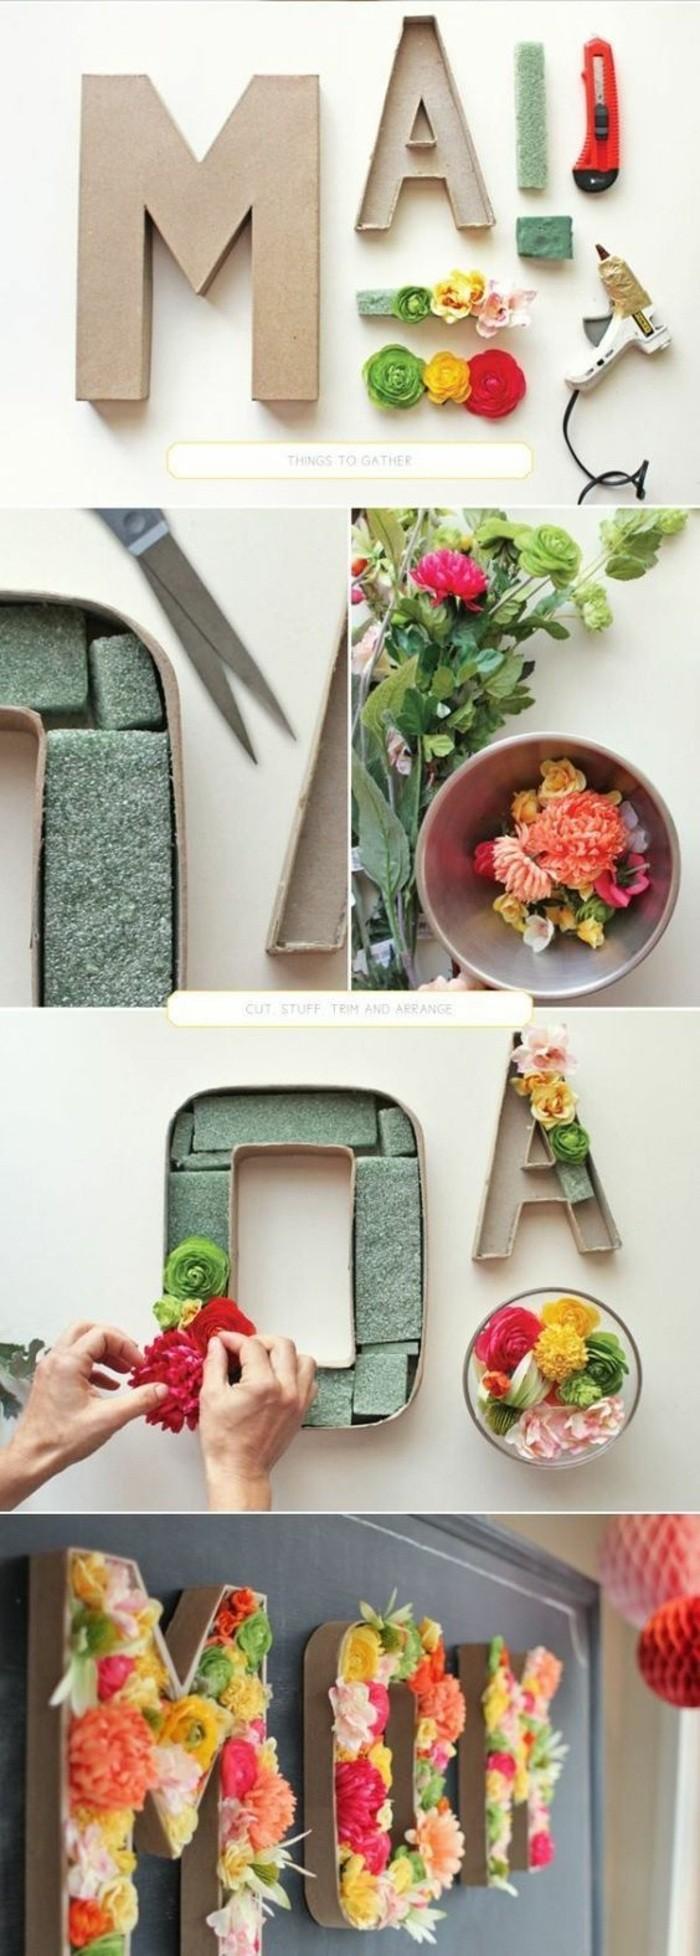 déco florale avec carton et fleurs artificielles, lettres murales décoratives, arrangement mural